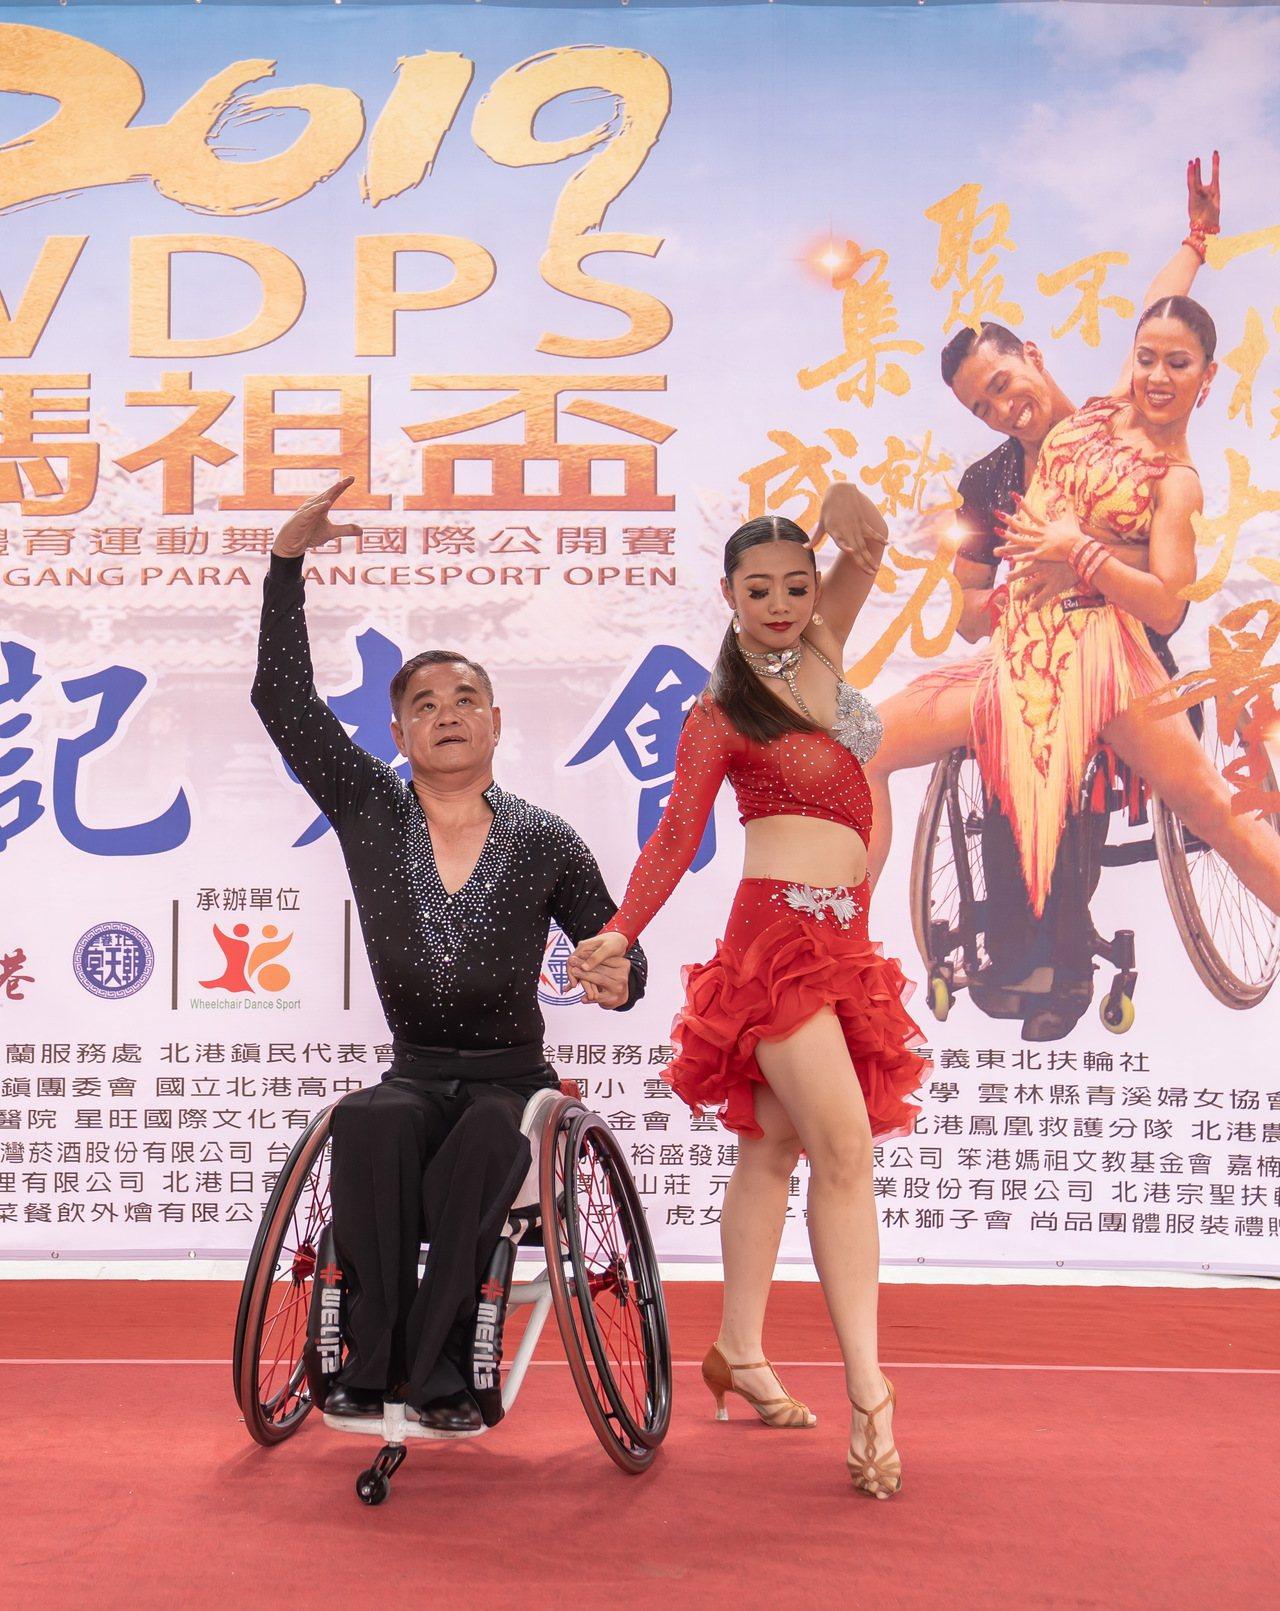 2019媽祖盃國際輪椅舞蹈公開賽將在本月21日盛大登場,將有18個國家參賽,我國...